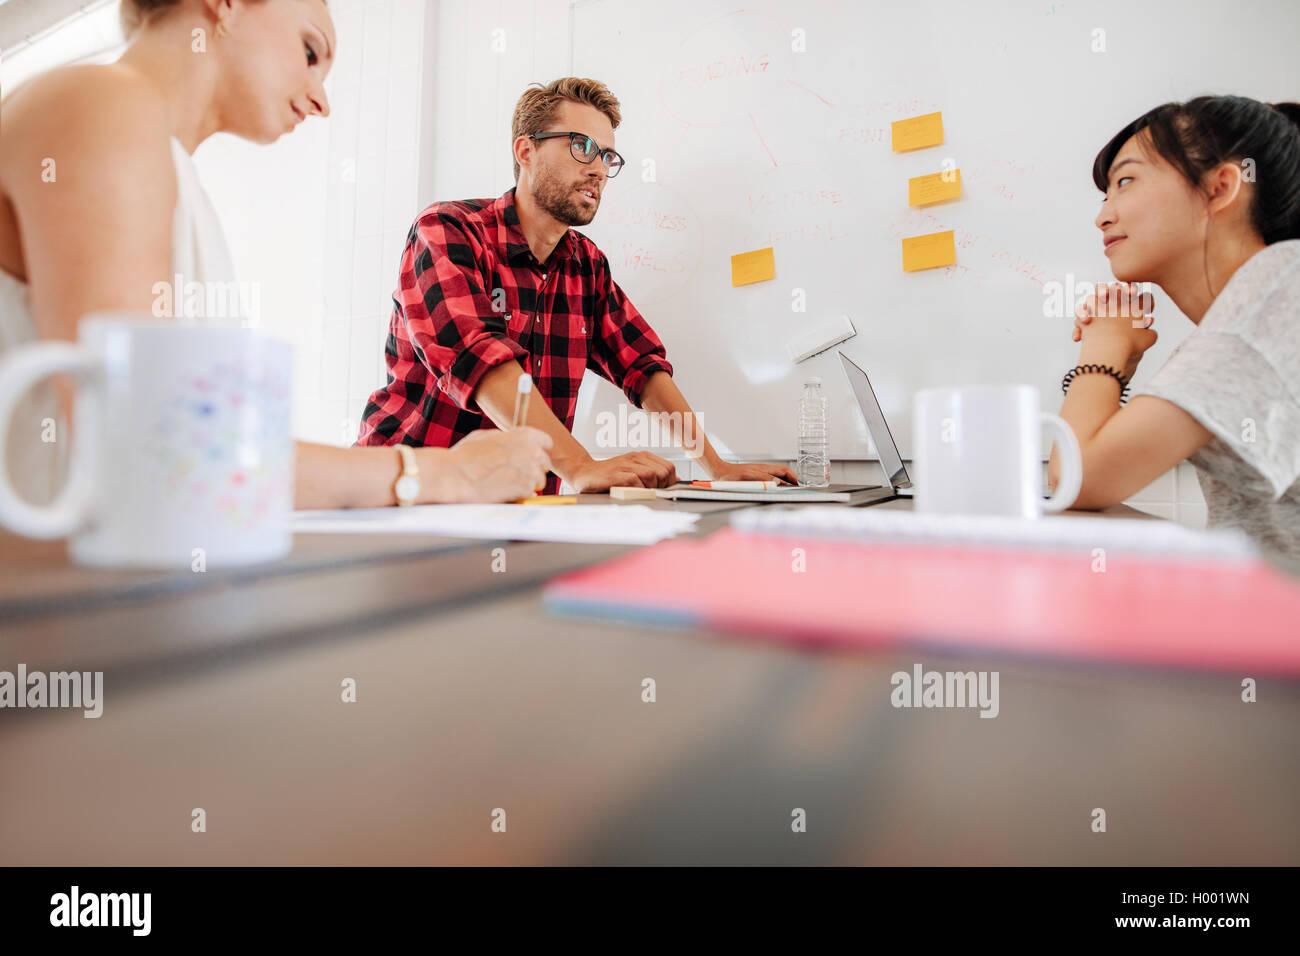 Groupe de discussion sur les cadres de démarrage de nouvelles idées d'affaires au cours d'une réunion en milieu de travail moderne. Employés autour d'une table de réunion Banque D'Images